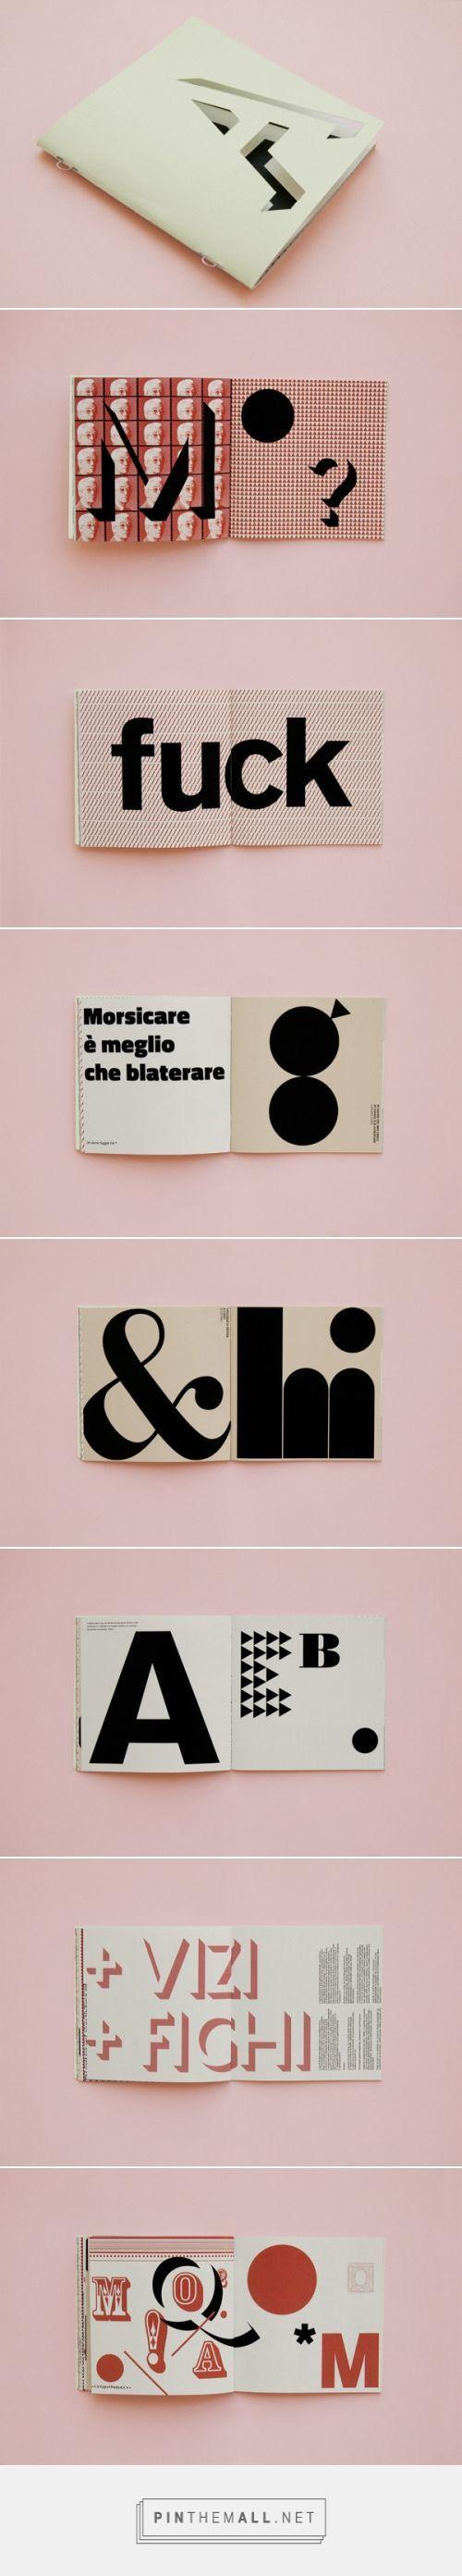 Vizi Figate by Francesco DelRosso - tipografia e design